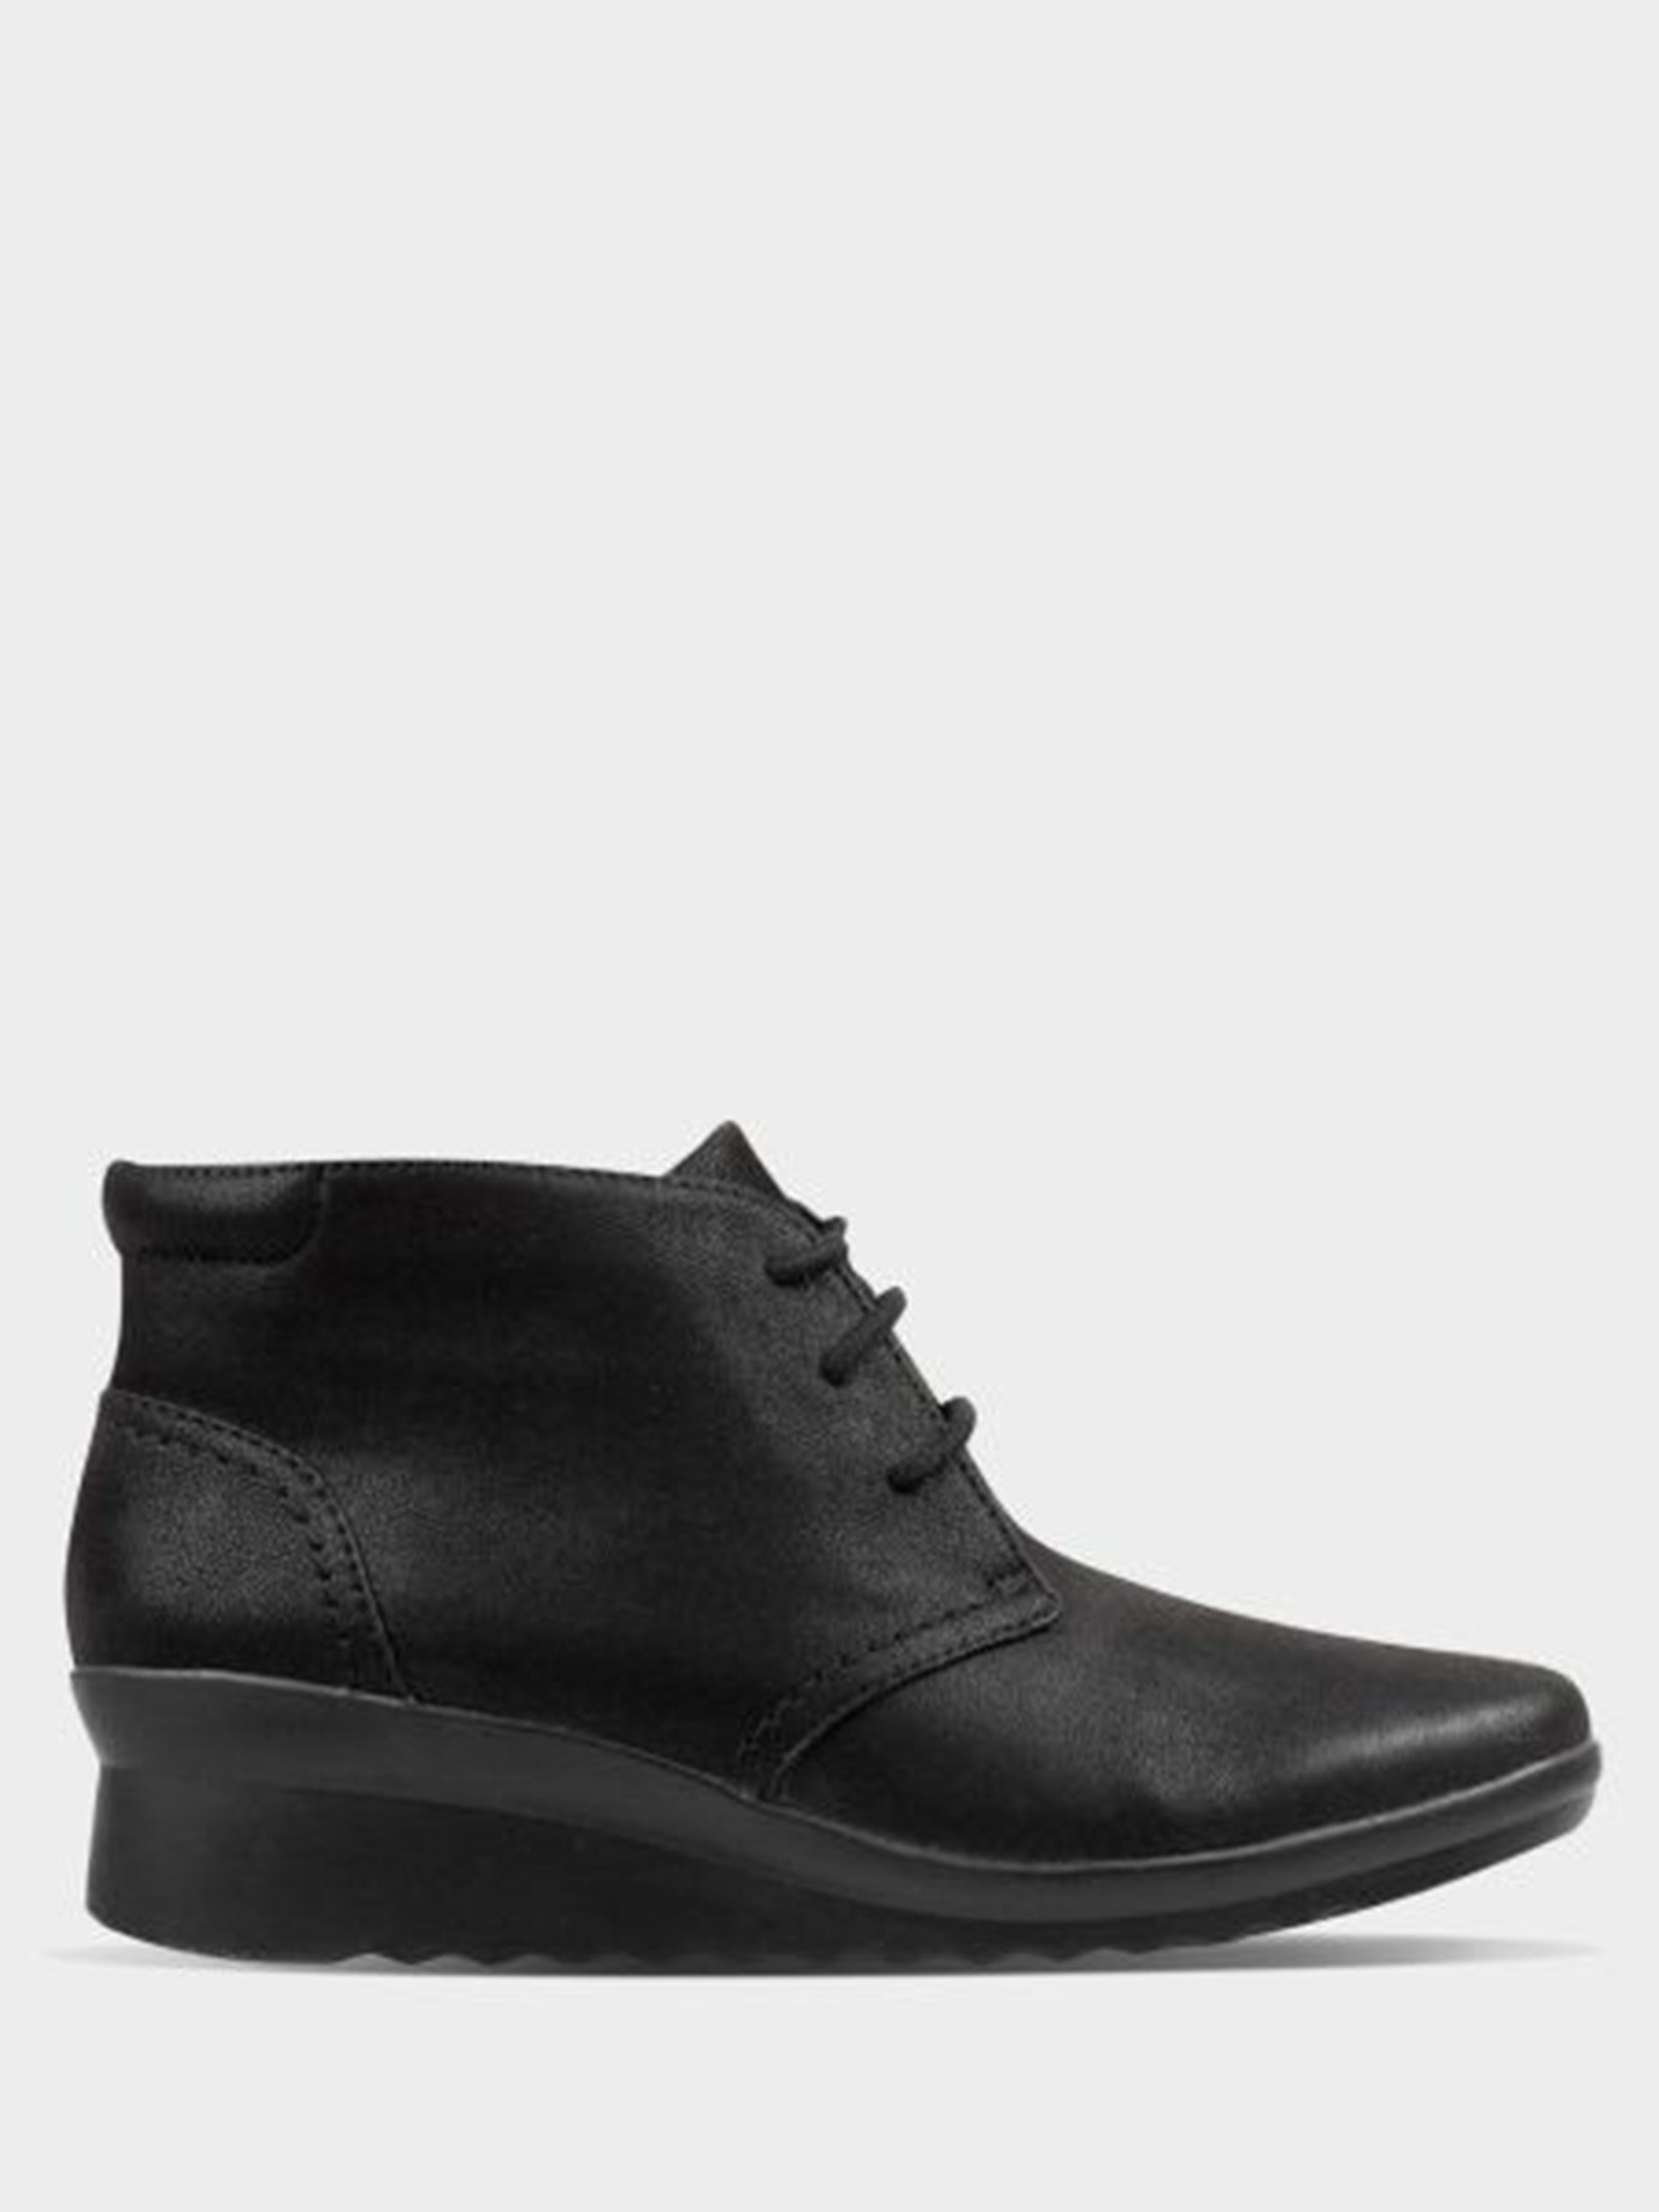 Купить Ботинки женские Clarks Caddell Hop OW4117, Черный